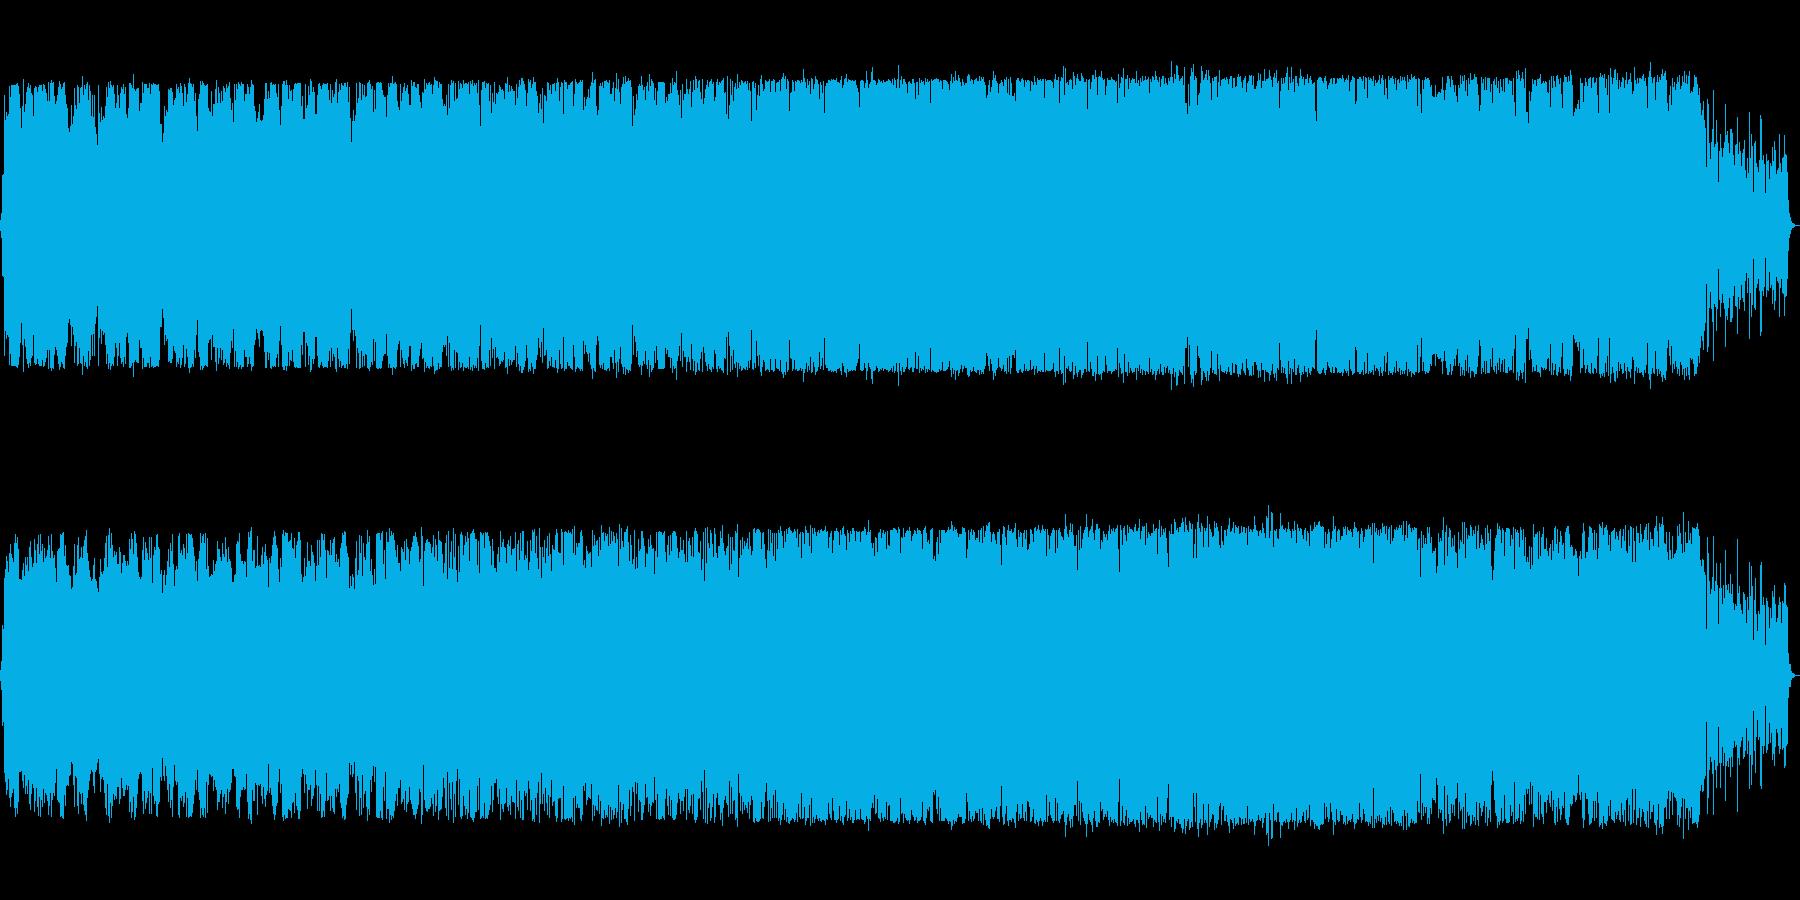 静かな場面のトランスの再生済みの波形